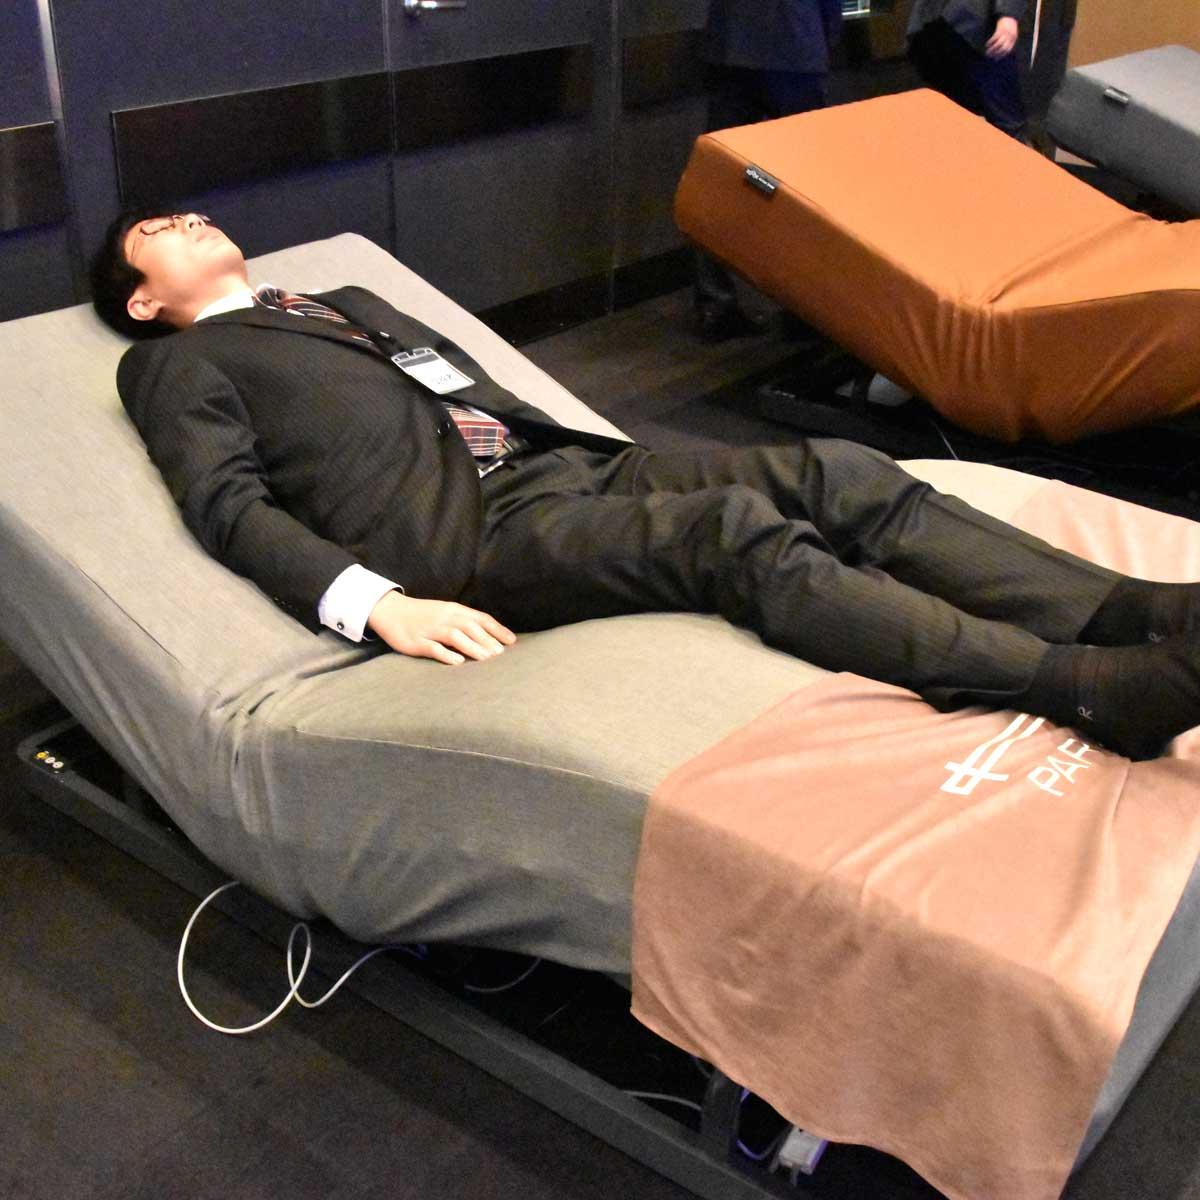 """スマホで角度や硬さが変えられる""""夢のベッド""""が誕生! レム睡眠時に起こす機能も"""